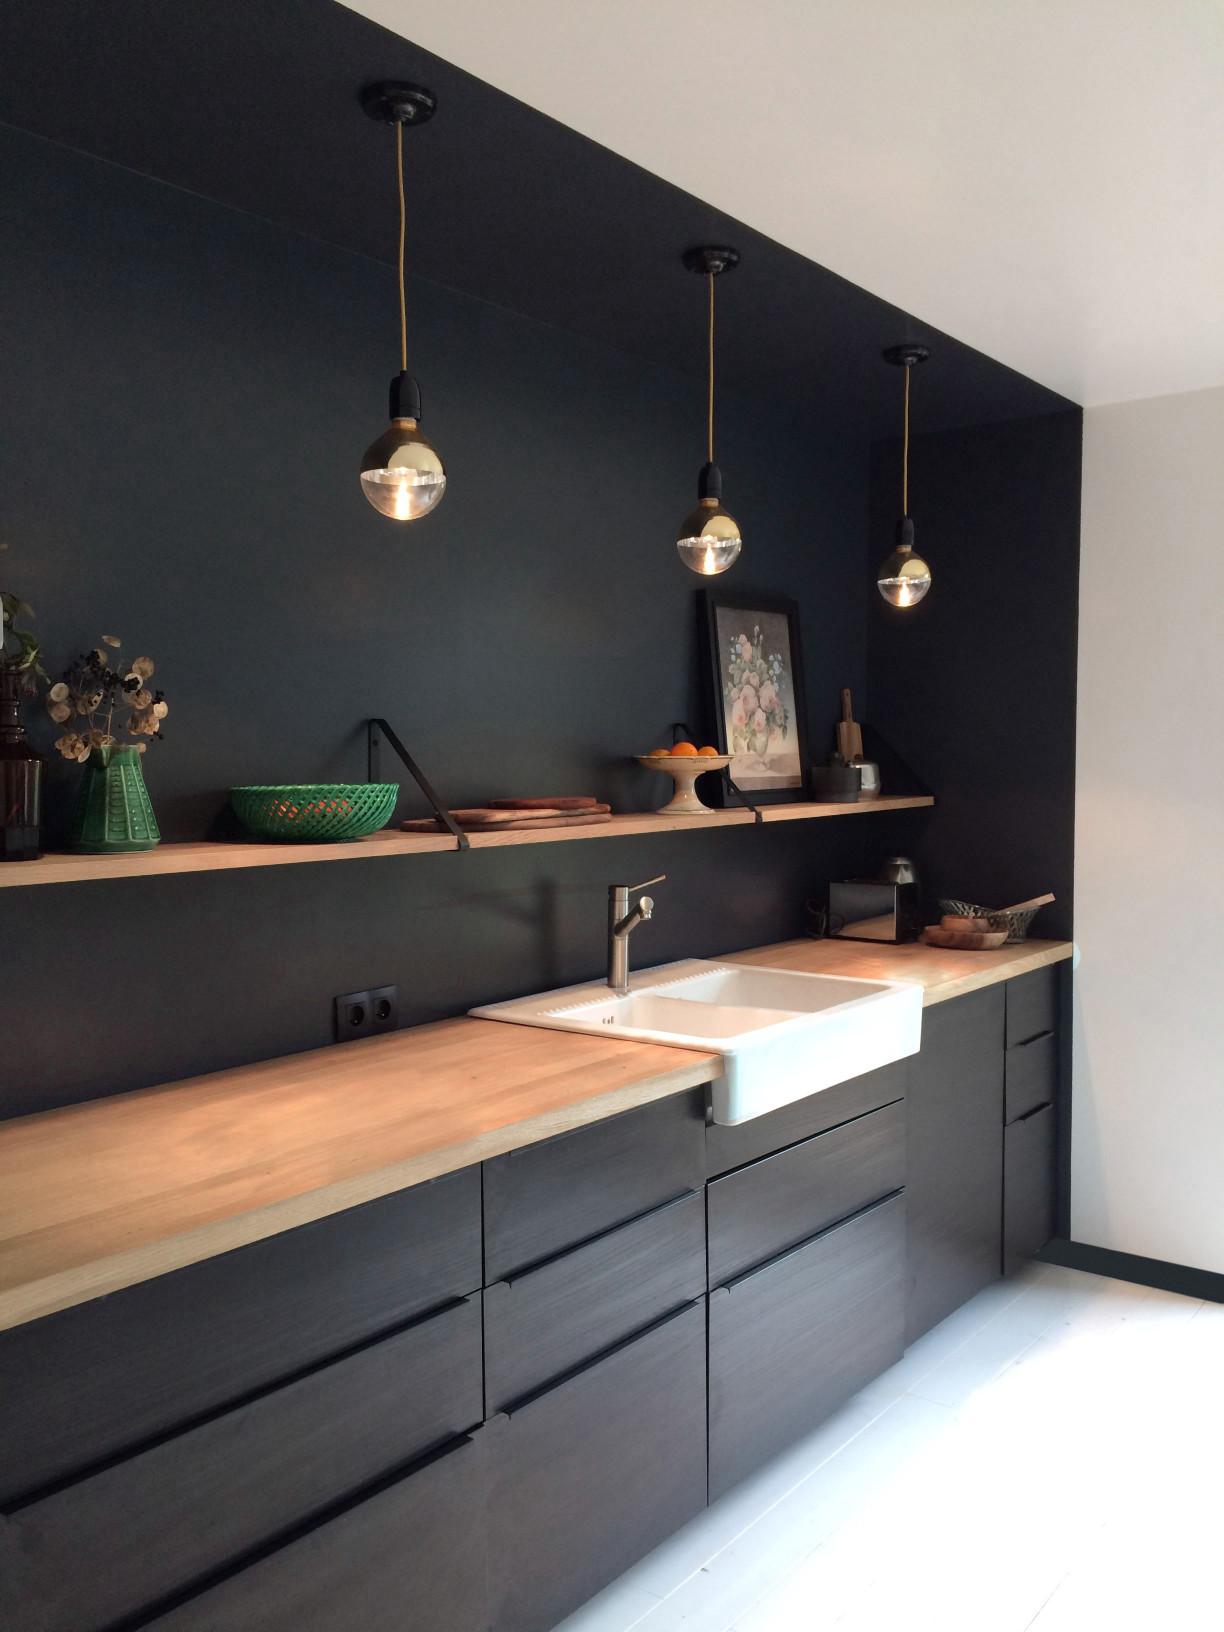 Ikea Kitchen Shelves Unique Ikea Kitchen Cabinets In Bathroom Best Résultat De Recherche D